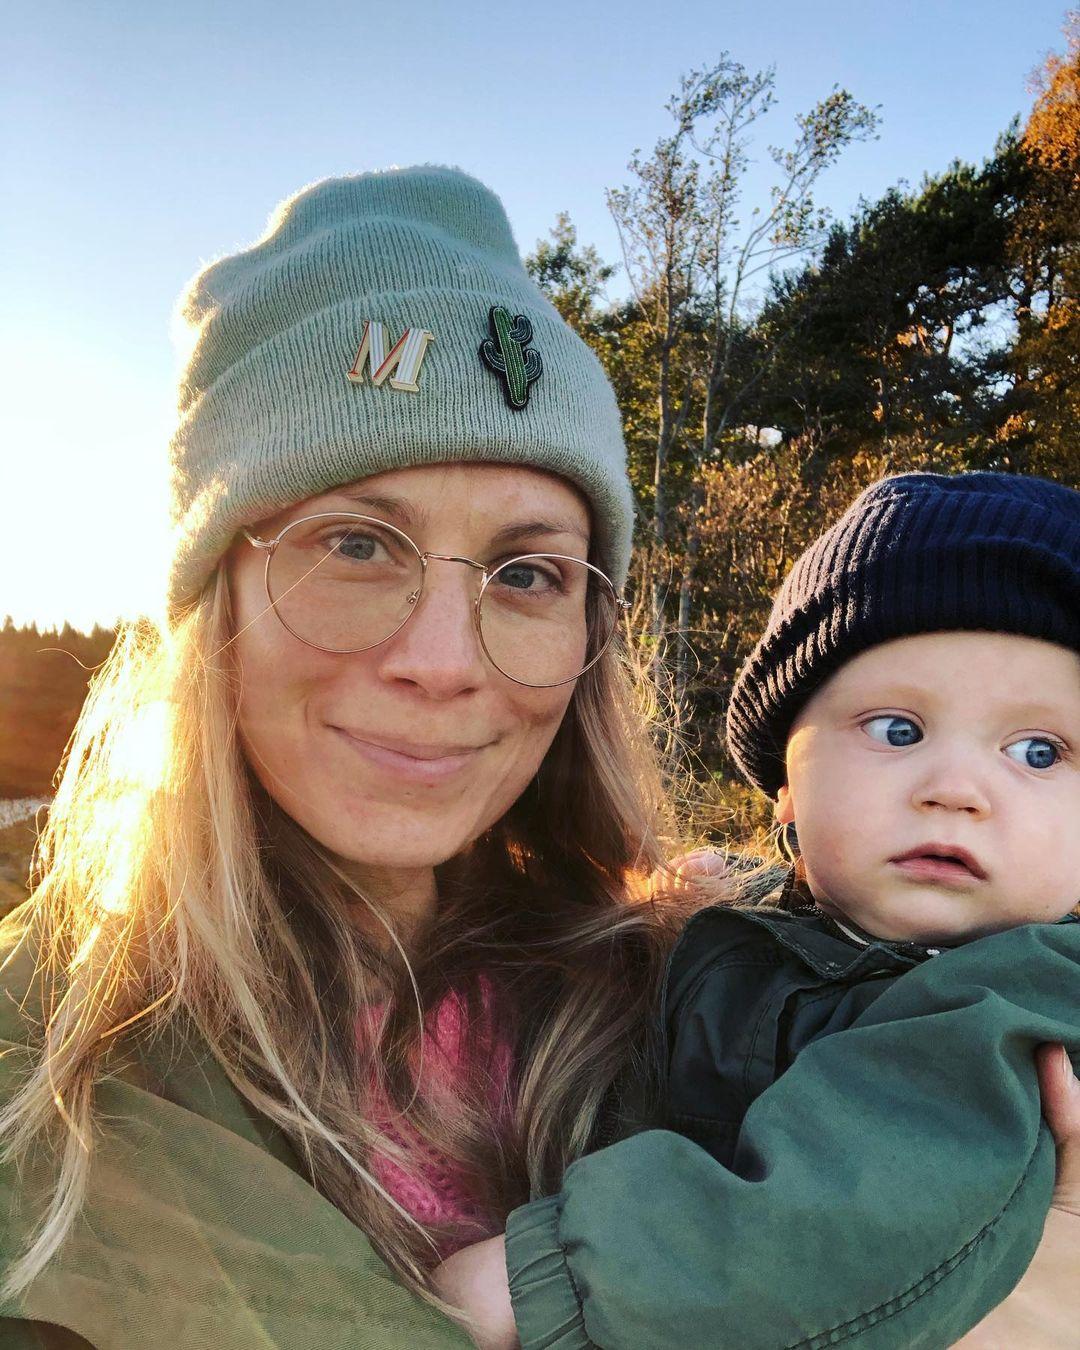 Itä-Helsingin vehreät maisemat ovat luontoa ja sienestämistä arvostavan Meri-Tuulin mieleen. Myös Meri-Tuuli Väntsin lapset pääsevät mukaan sieniretkille.